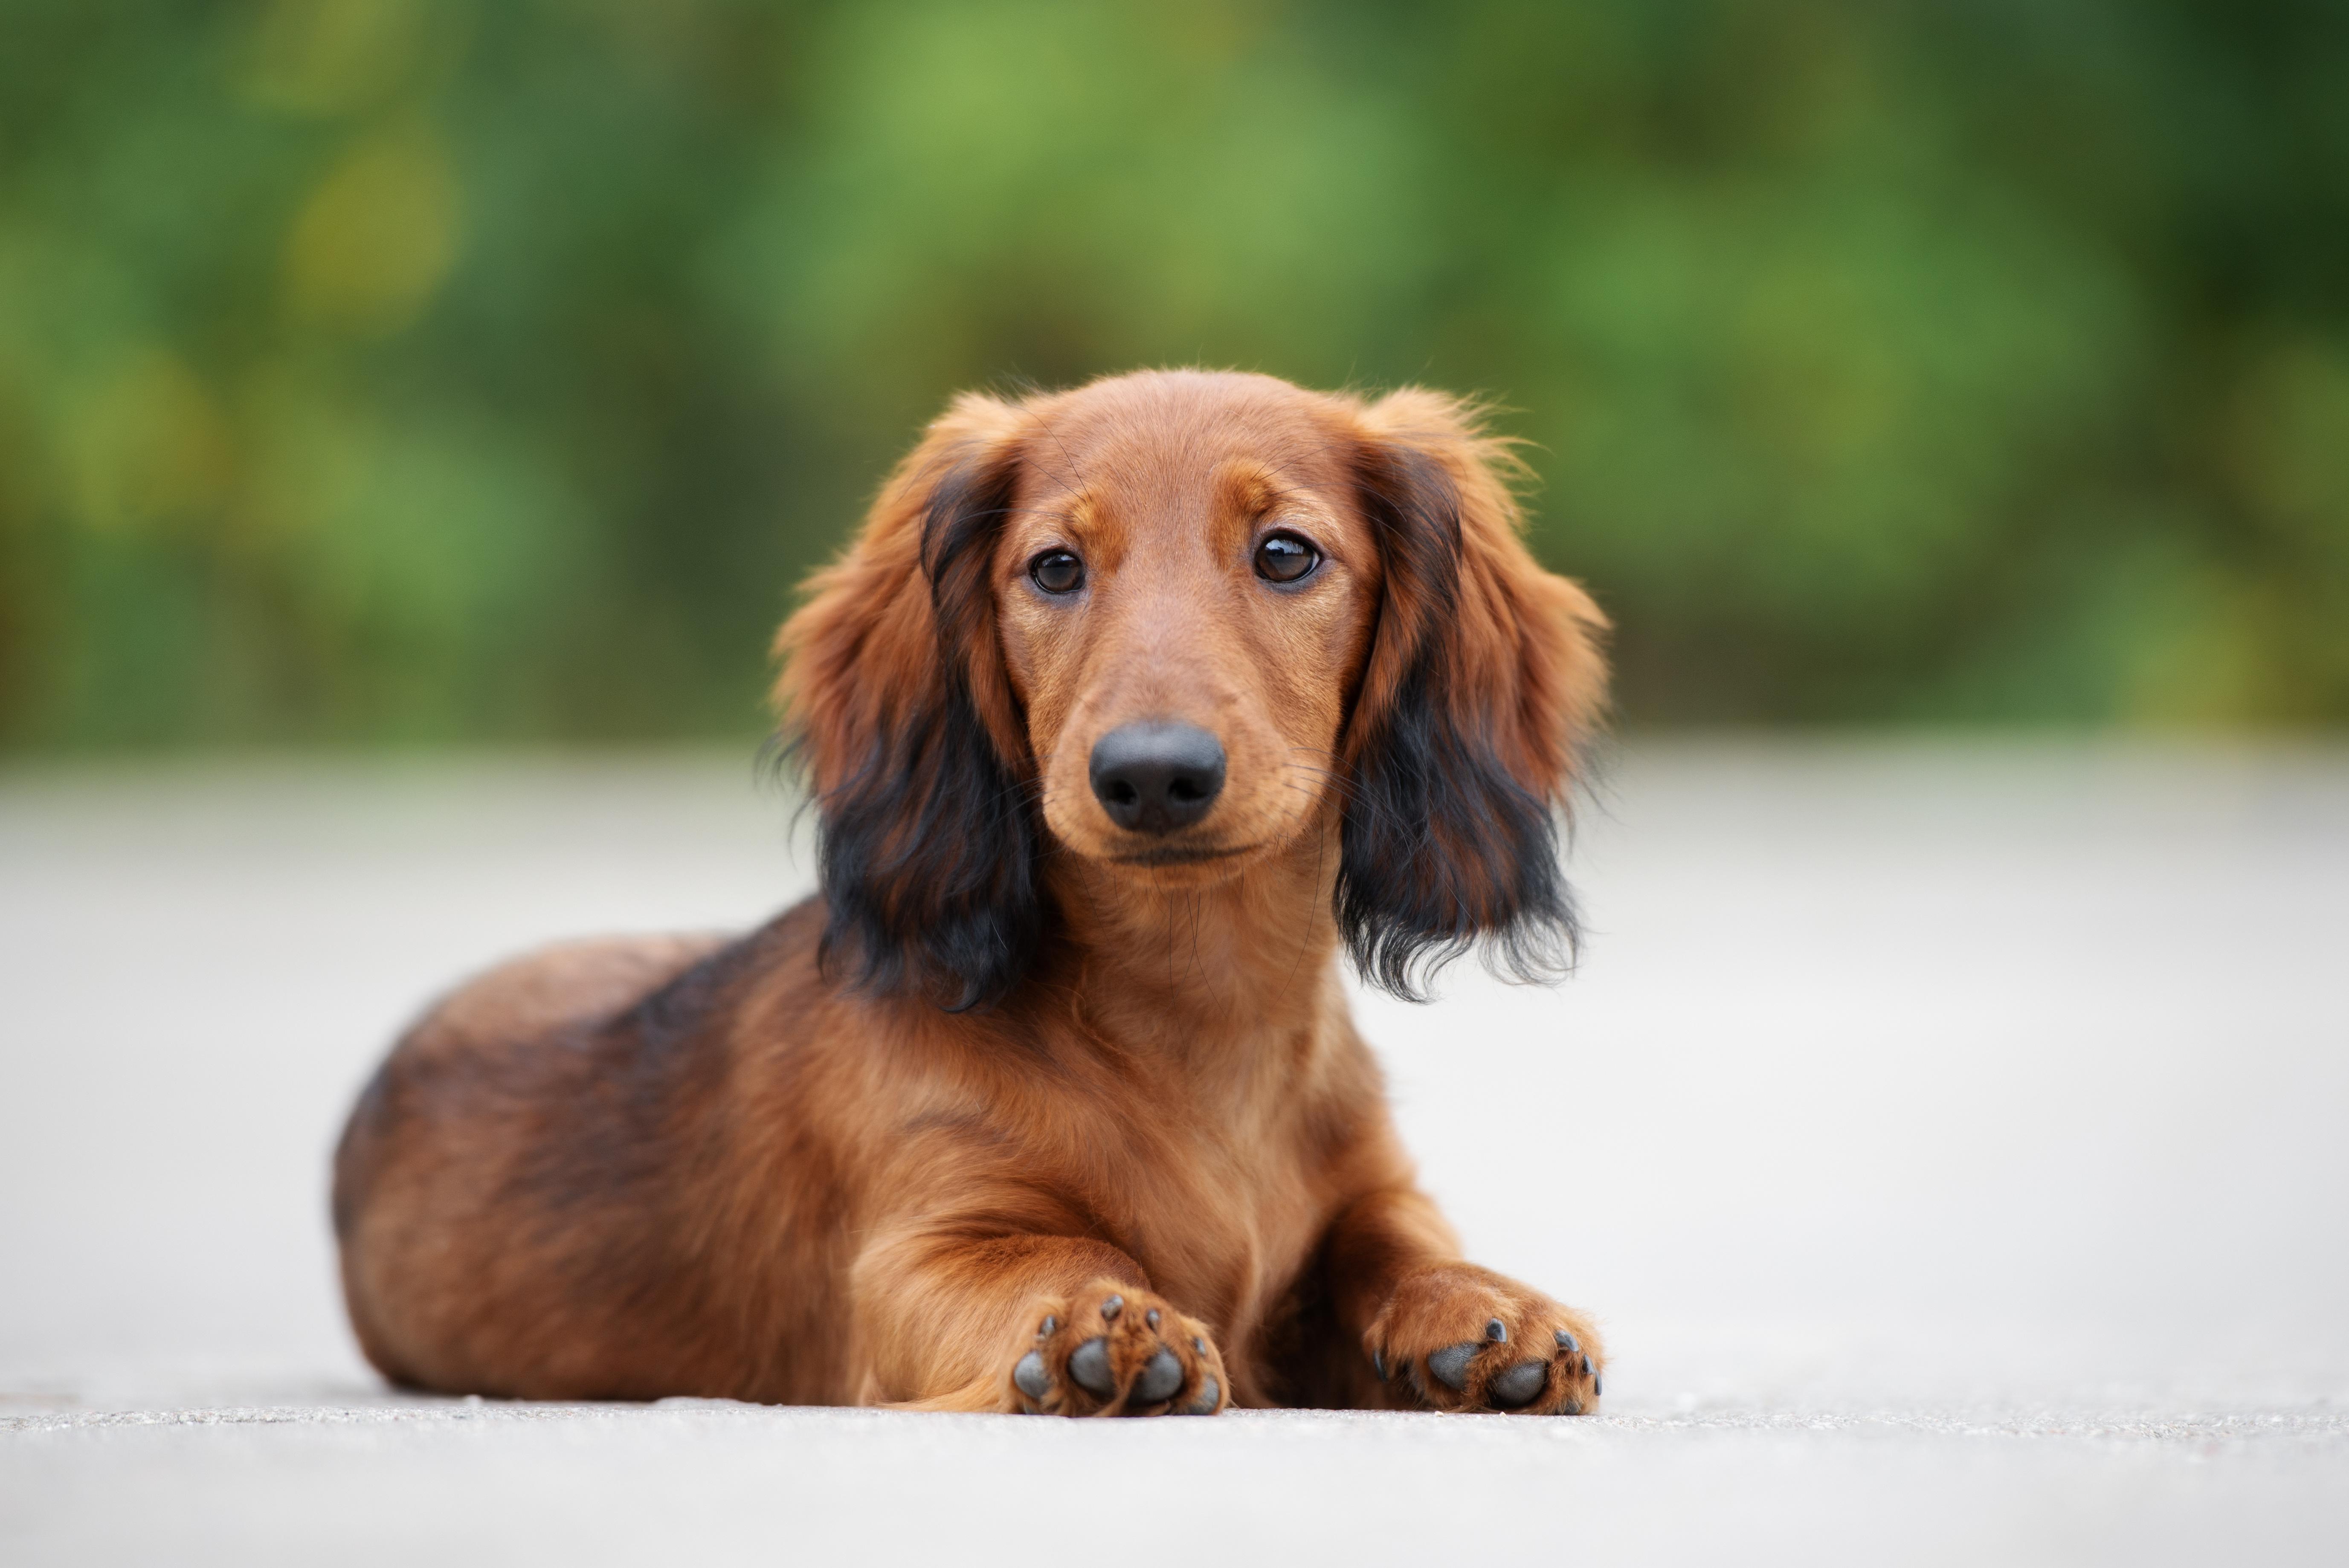 ミニチュアダックスの特徴や性格、飼い方について